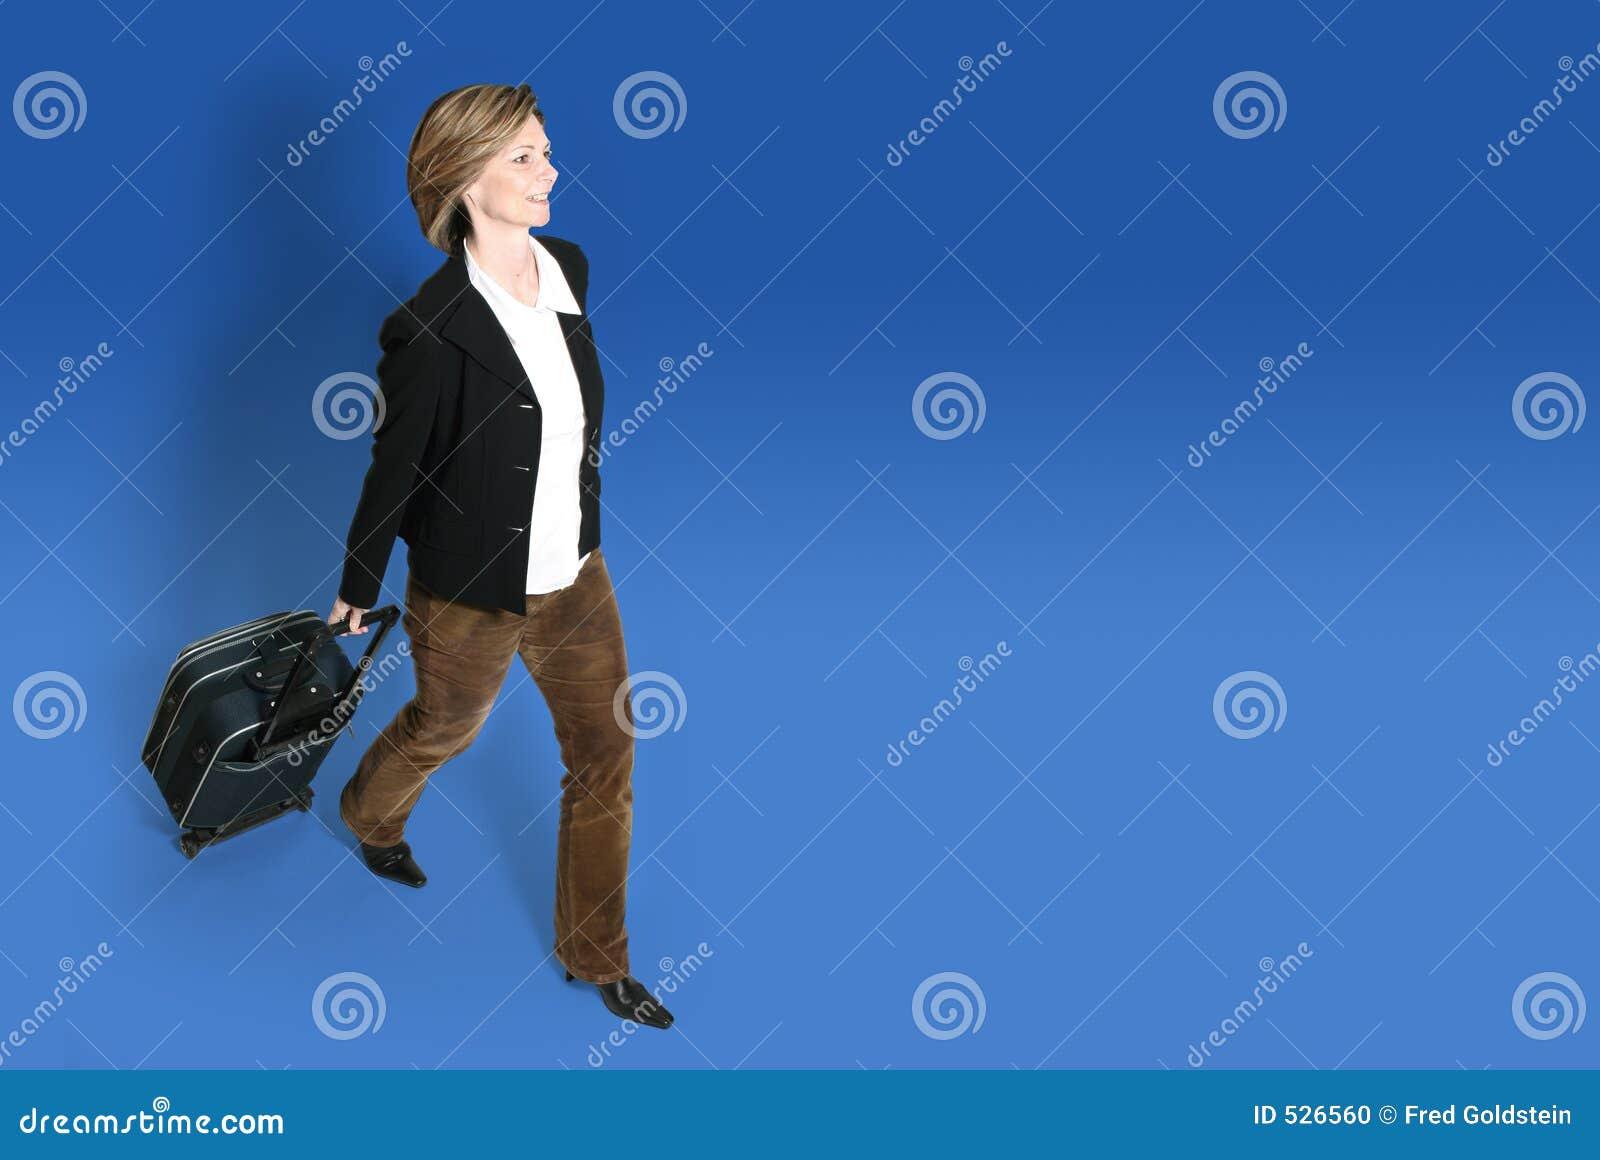 Mulher de negócios com bagagem